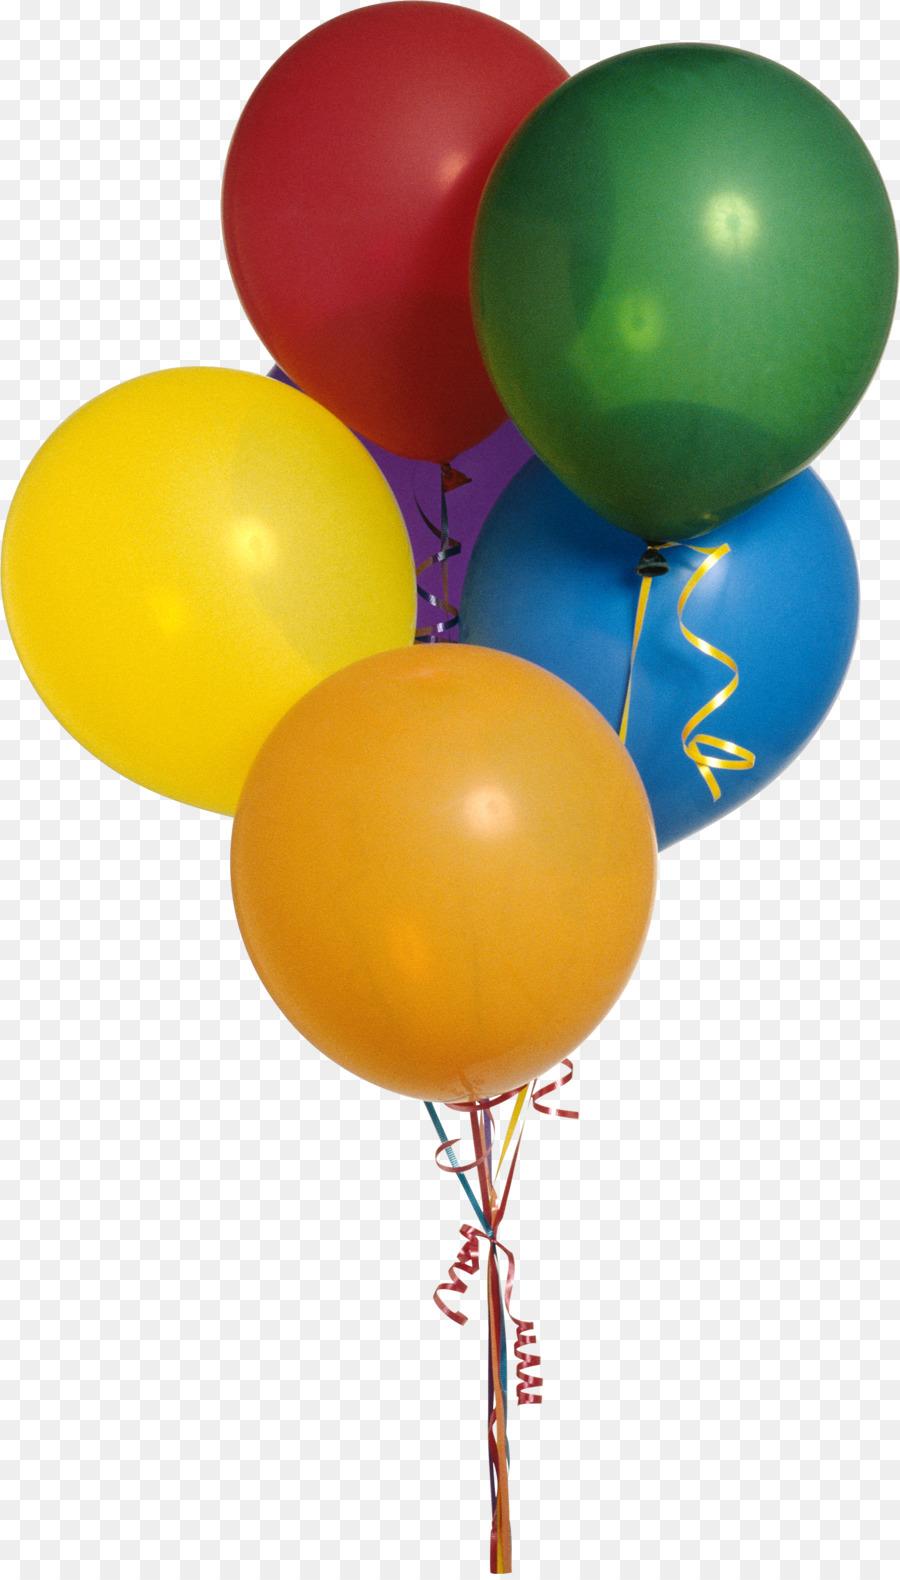 Gas balloon Helium Clip art - balloon - Gas Balloon PNG